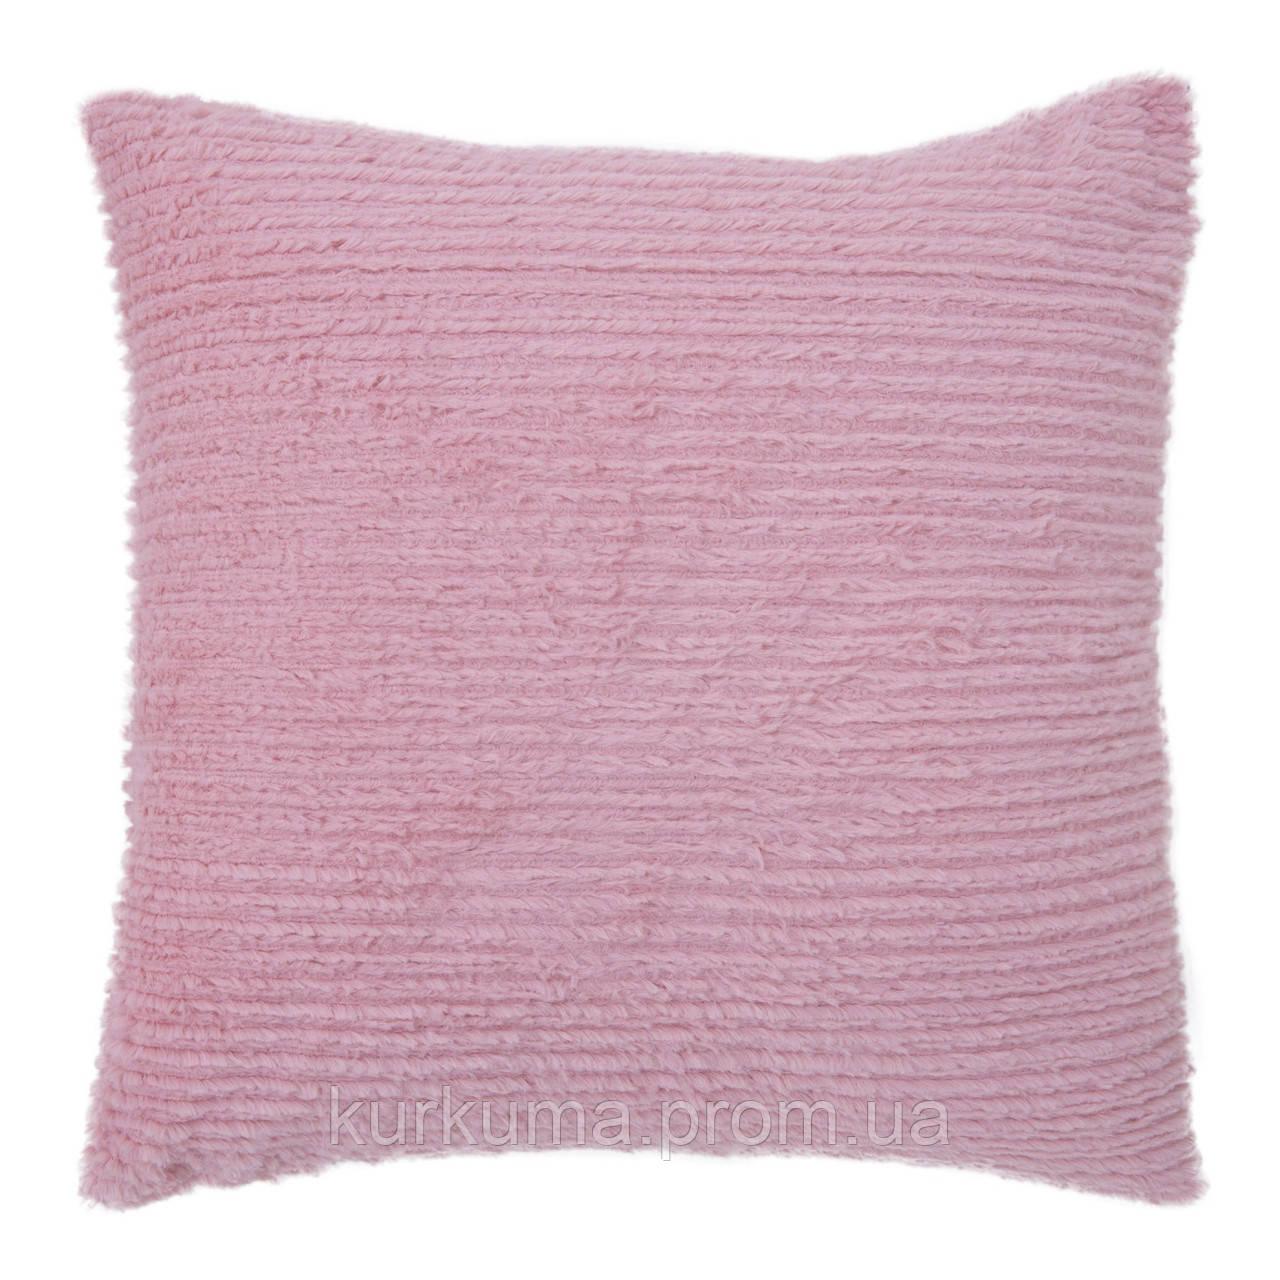 Декоративная наволочка OREILE 45x45 см